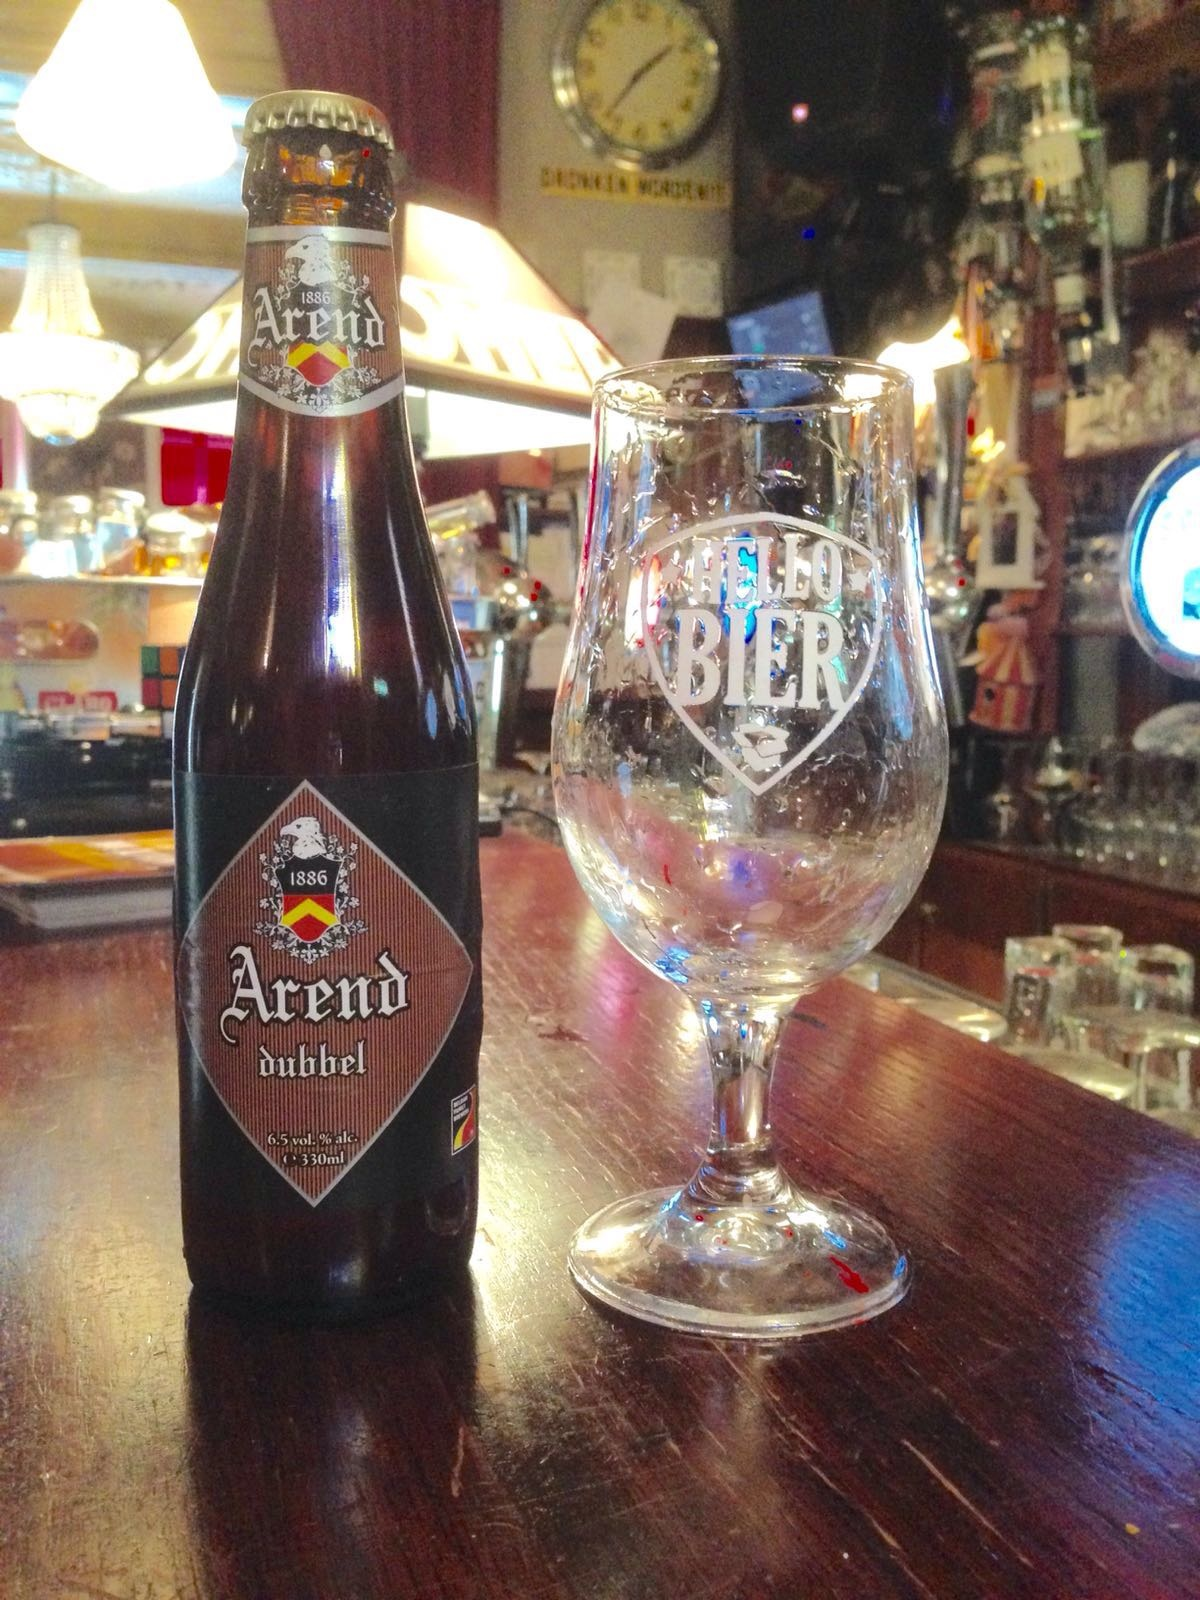 """Arend Dubbel Herkomst: Herzele, België Karakteristiek bruin bier met een volle moutige smaak. Deze dubbel is niet zo zoet als wat je van menig dubbel verwacht door zijn hopbitterheid die de caramelsmaak minder sterk maakt. De sterke afdronk van de Arend Dubbel blijft achter in de keel hangen. Brouwerij de Ryck wordt 4 generaties na zijn ontstaan nog altijd geleid door een nakomeling van familie de Ryck, An de Ryck. Omdat zij veel respect heeft voor haar overgrootvader als oprichter heeft ze besloten om alle bieren onder de naan """"Arend"""" te brouwen. Het bier bevat een alcoholpercentage van 6,5%. Advies serveertemperatuur: 6 à 8 graden."""